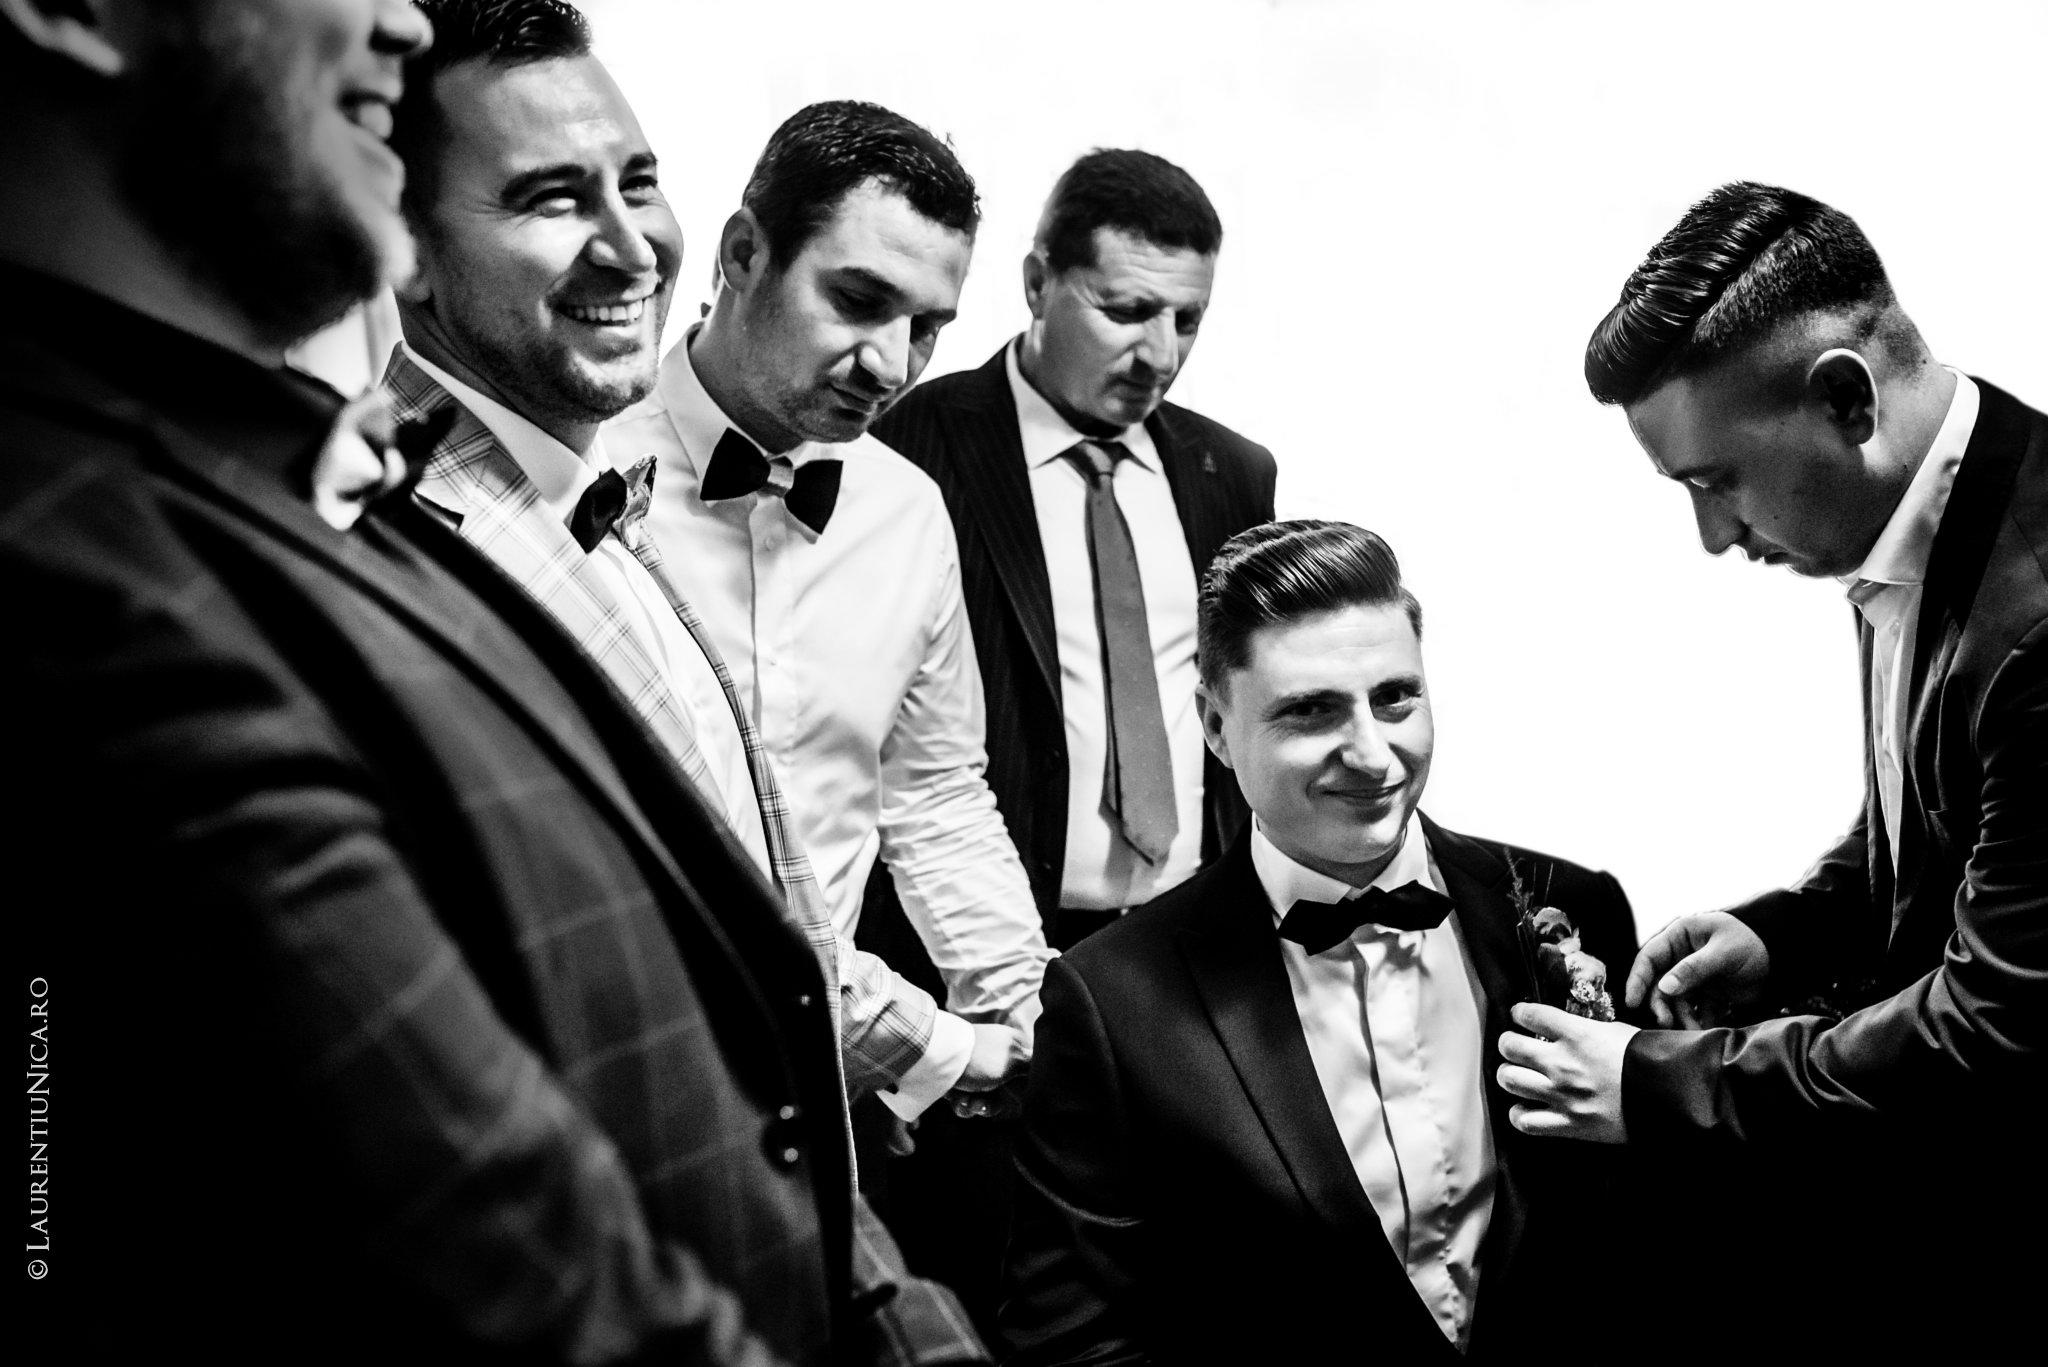 fotografii nunta denisa si florin craiova 03 - Denisa & Florin | Fotografii nunta | Craiova